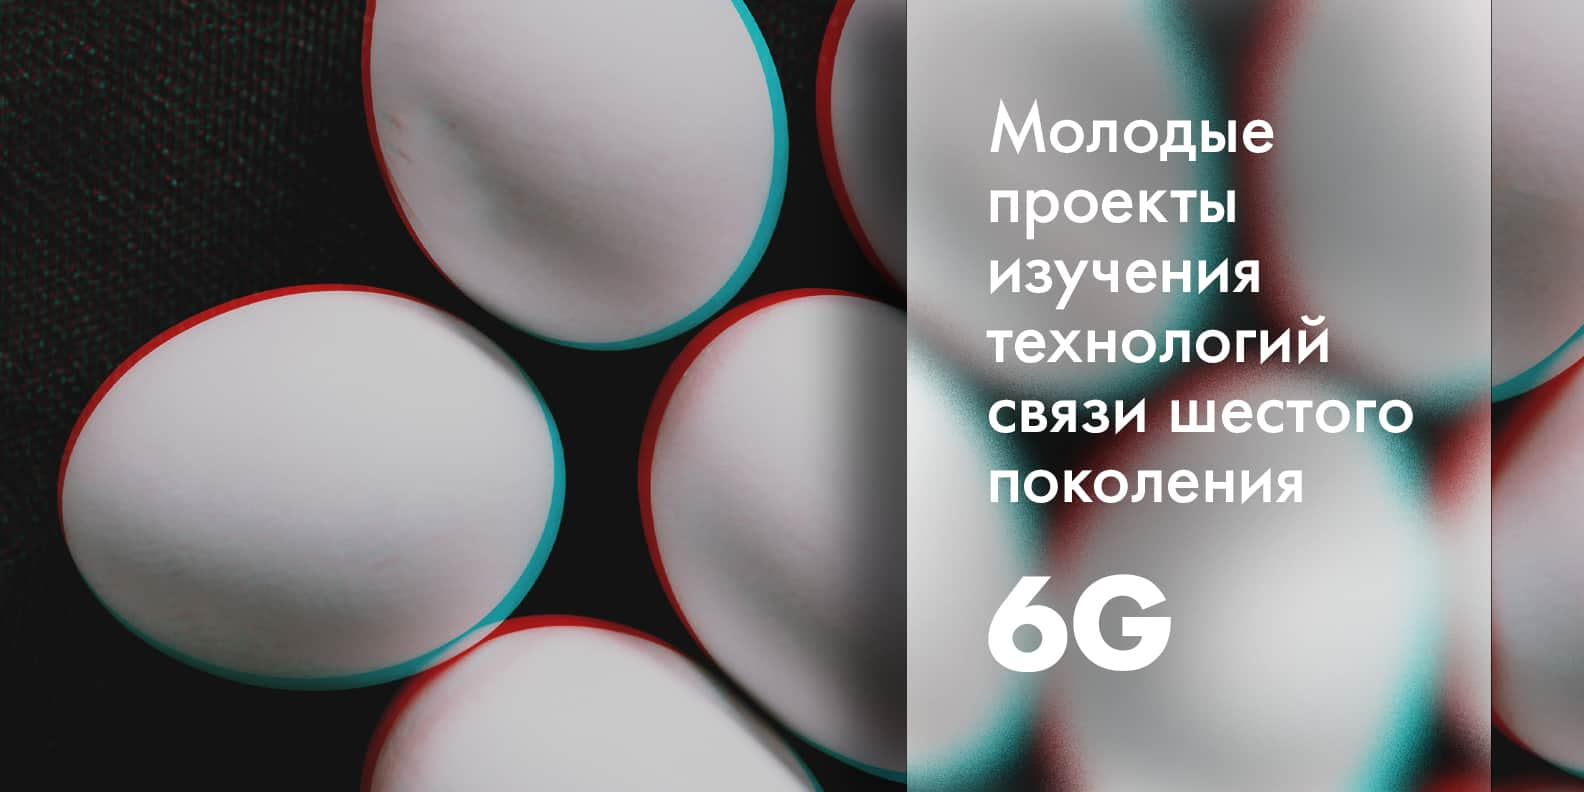 В 2020 году Центр компетенций НТИ на базе Сколтеха подготовил и направил в Минпромторг проект программы научно-технологического развития мобильной связи шестого поколения (6G). Это базовый документ, в котором определены технологии,…